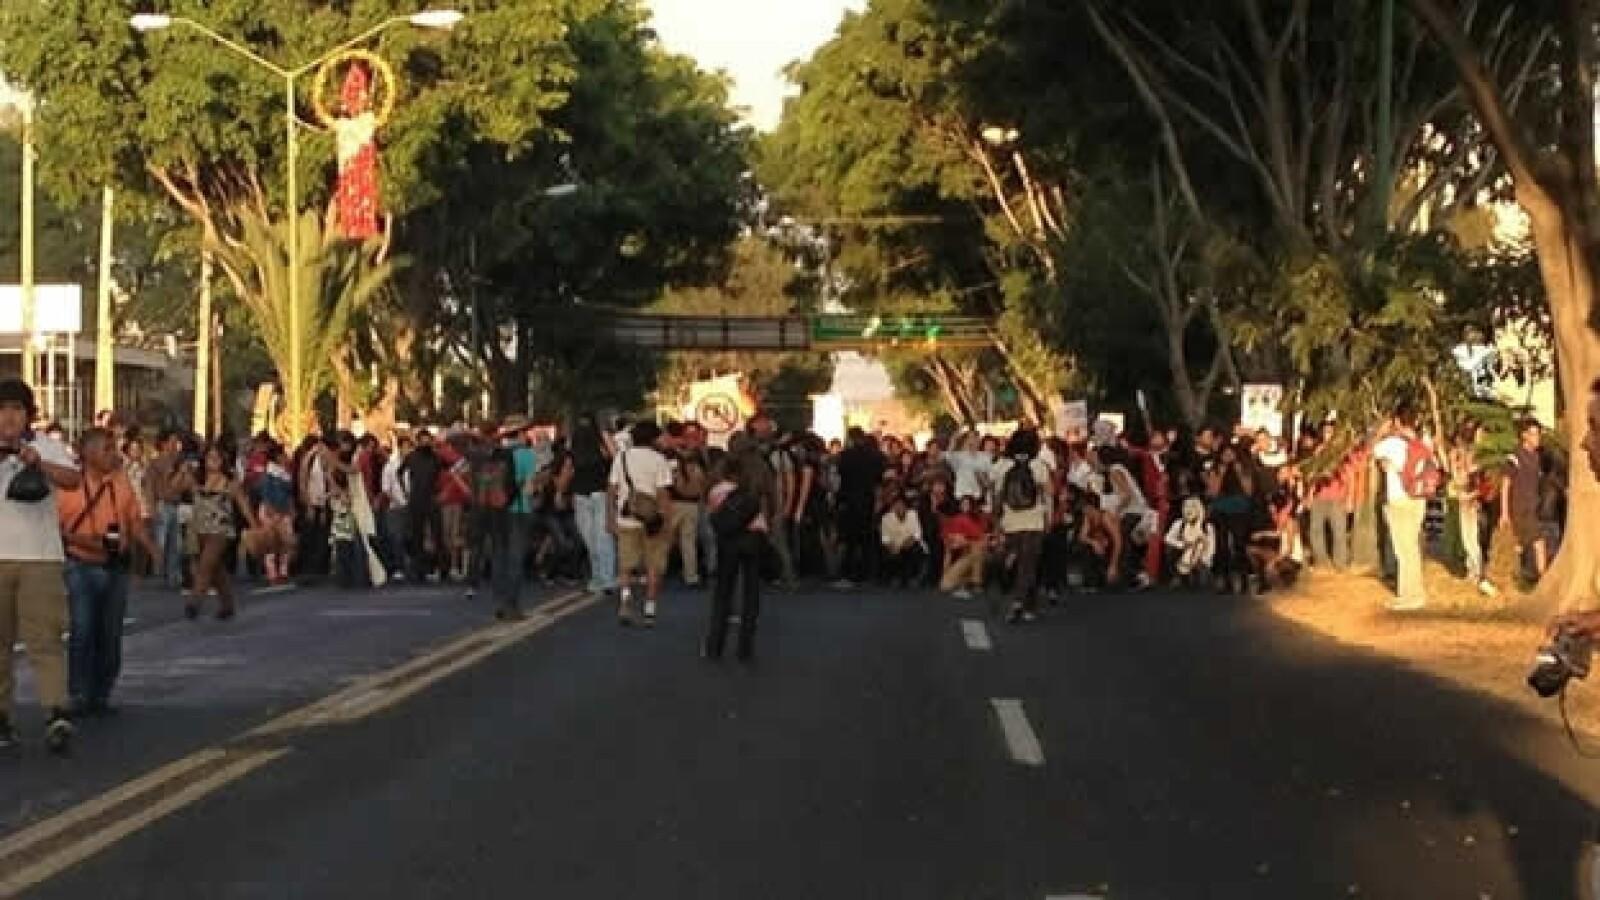 protestas anti peña nieto en guadaalajara